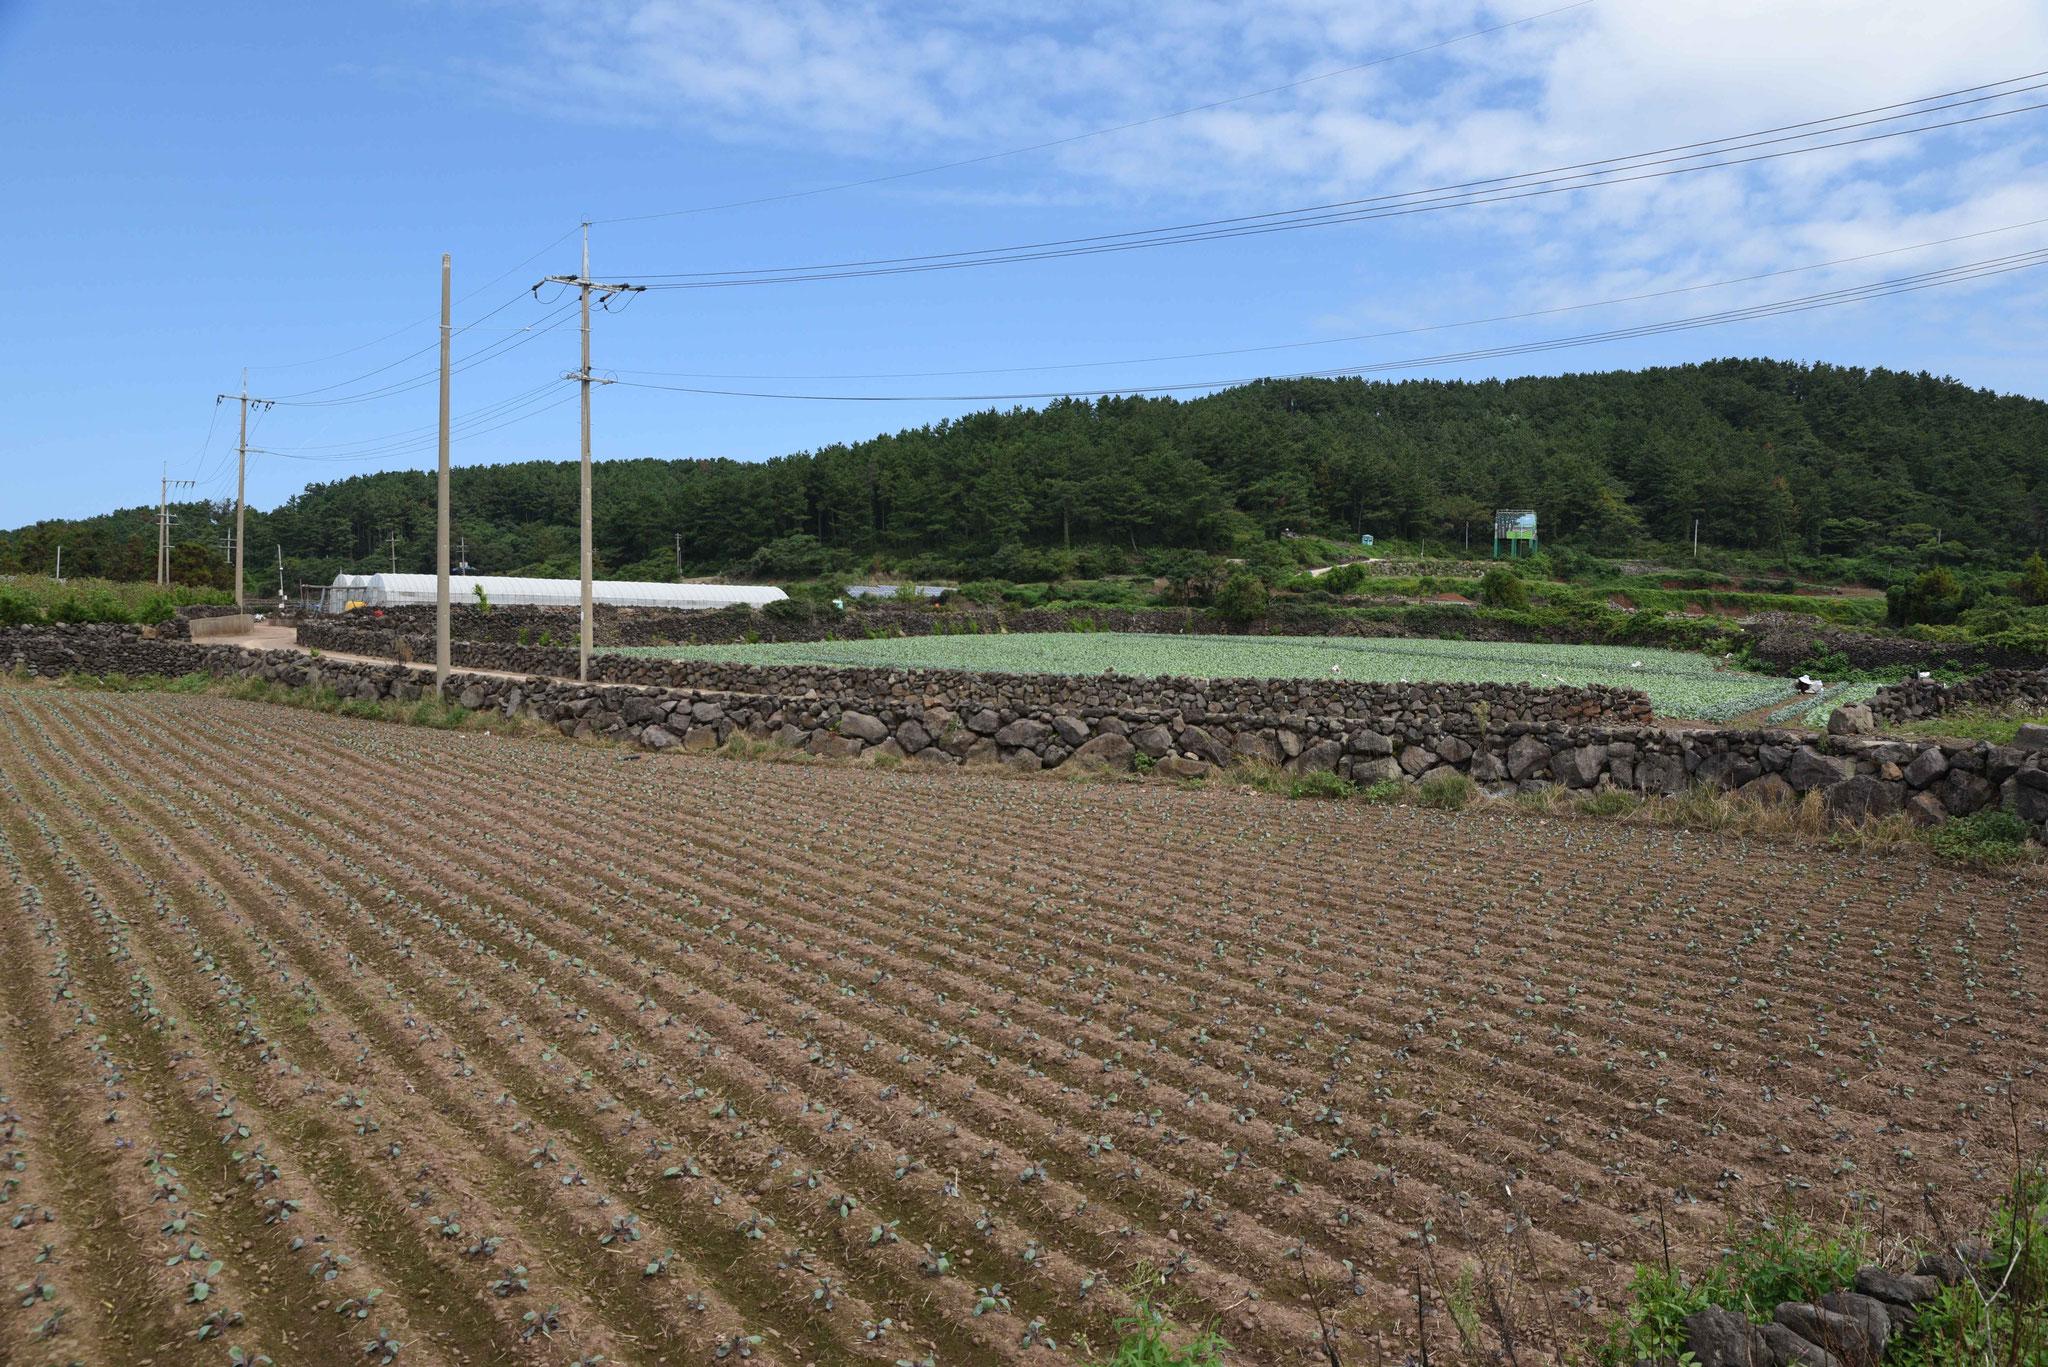 Felderwirtschaft wie auf Pico (Azoren)